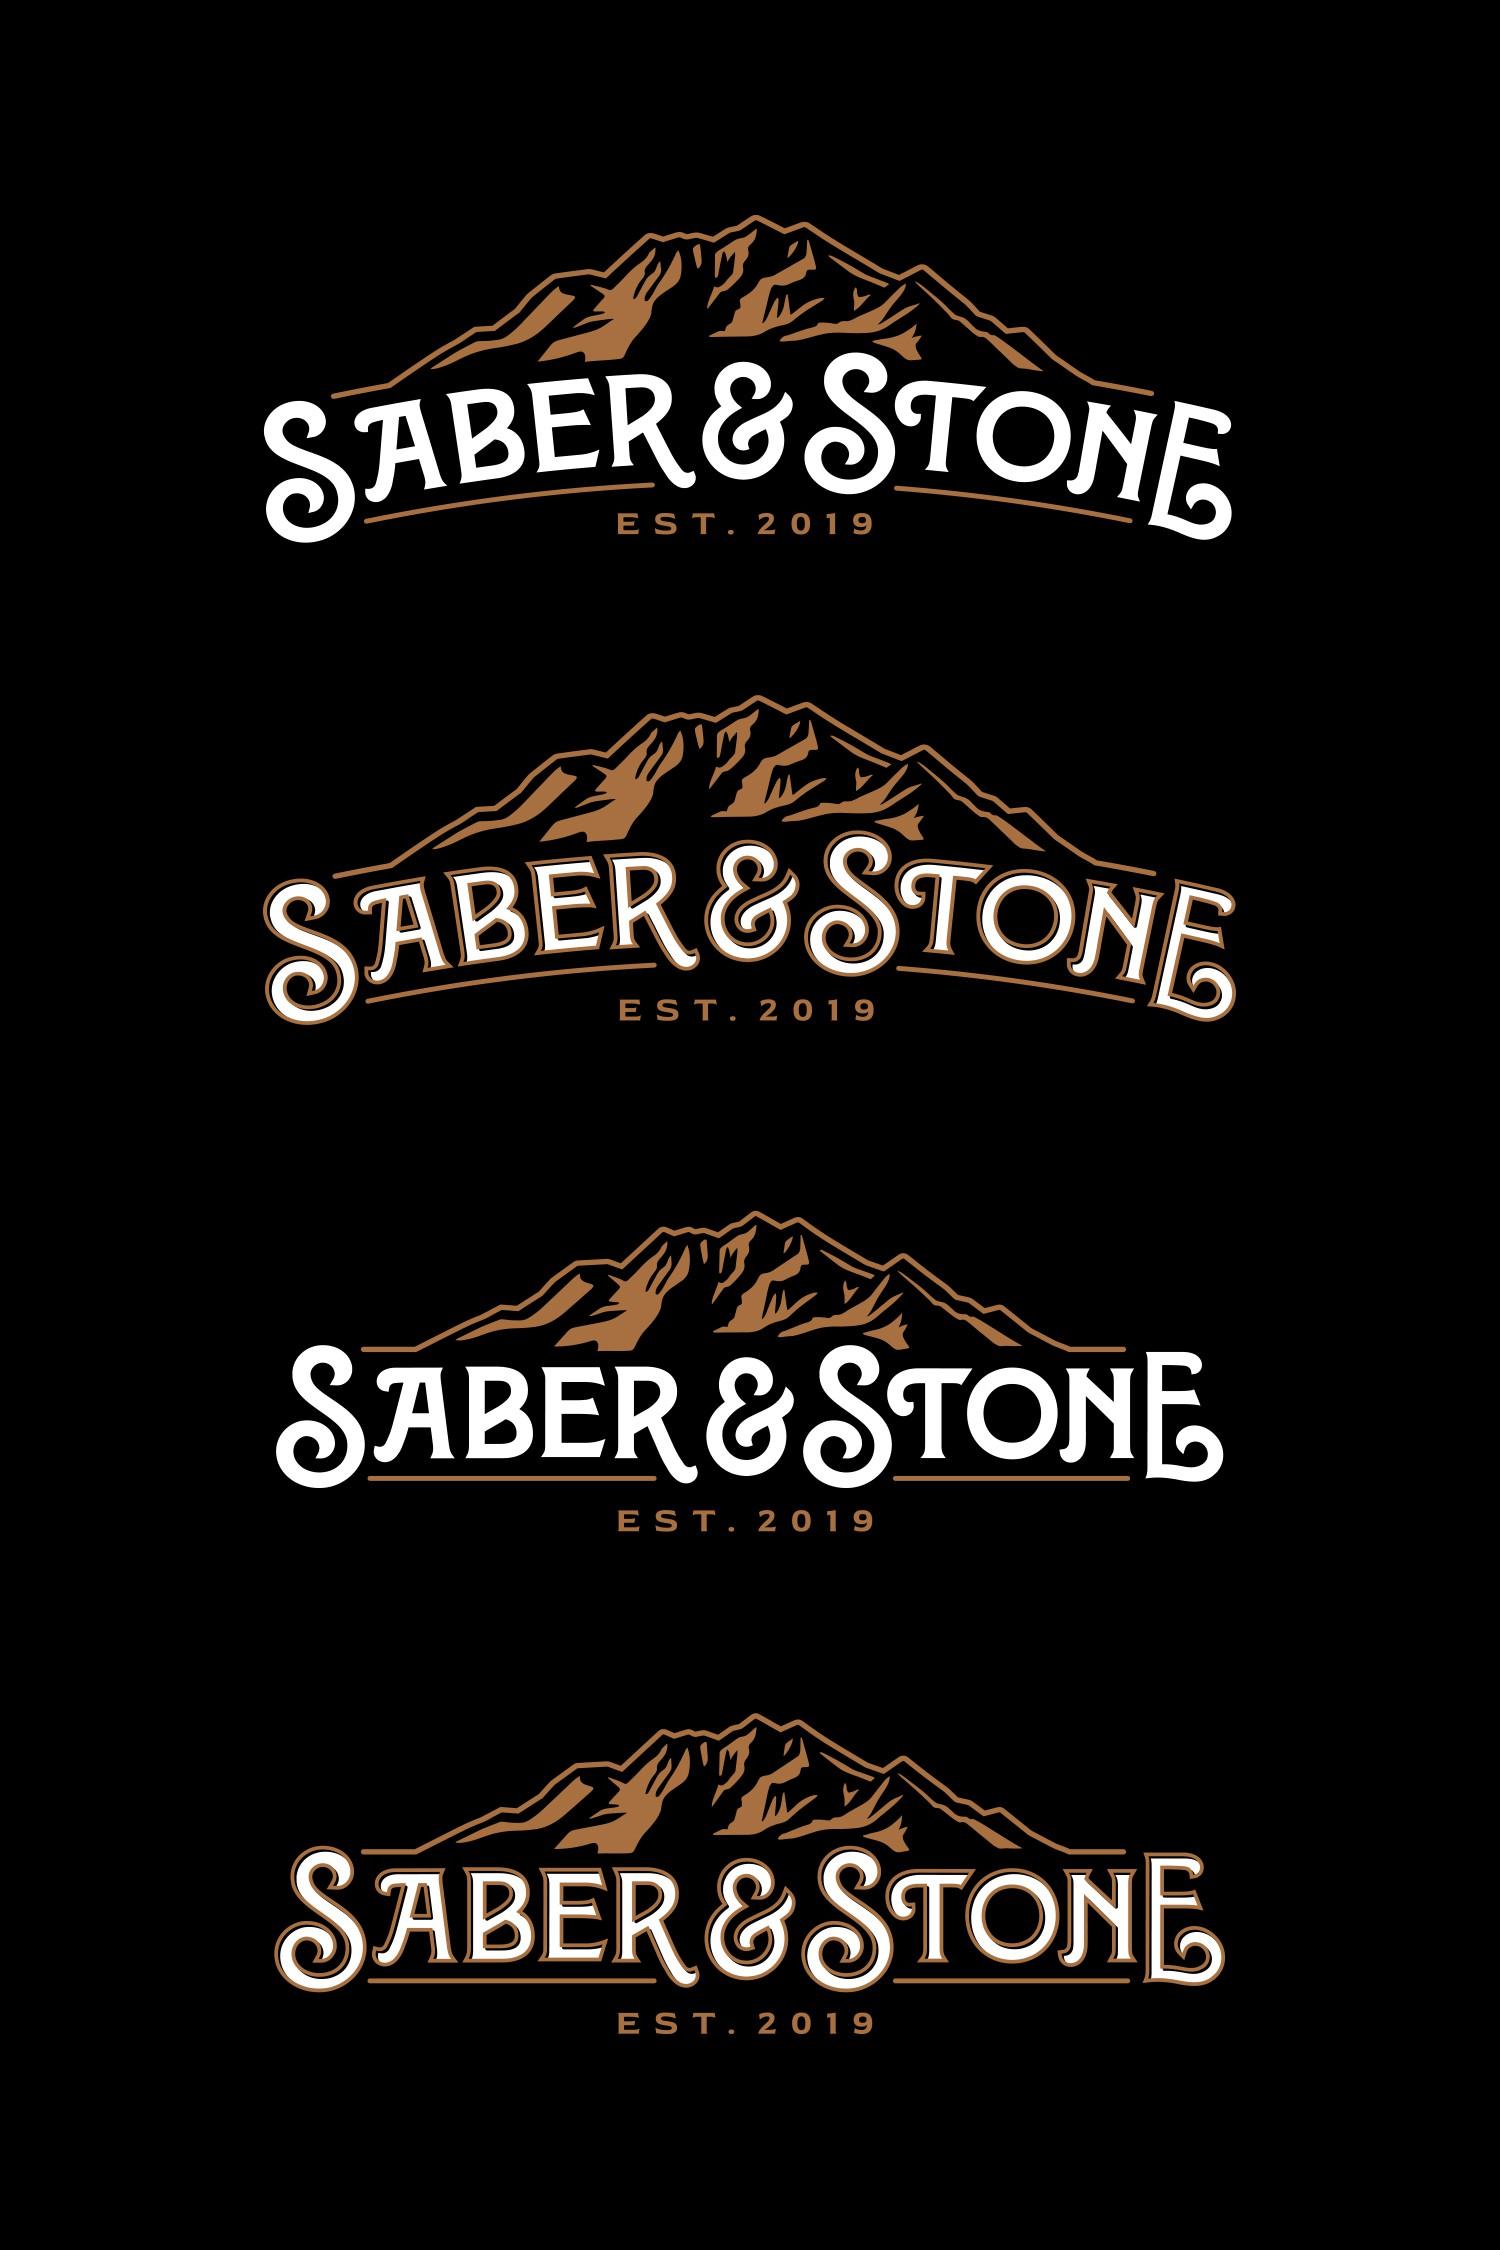 Design a vintage logo for Saber & Stone